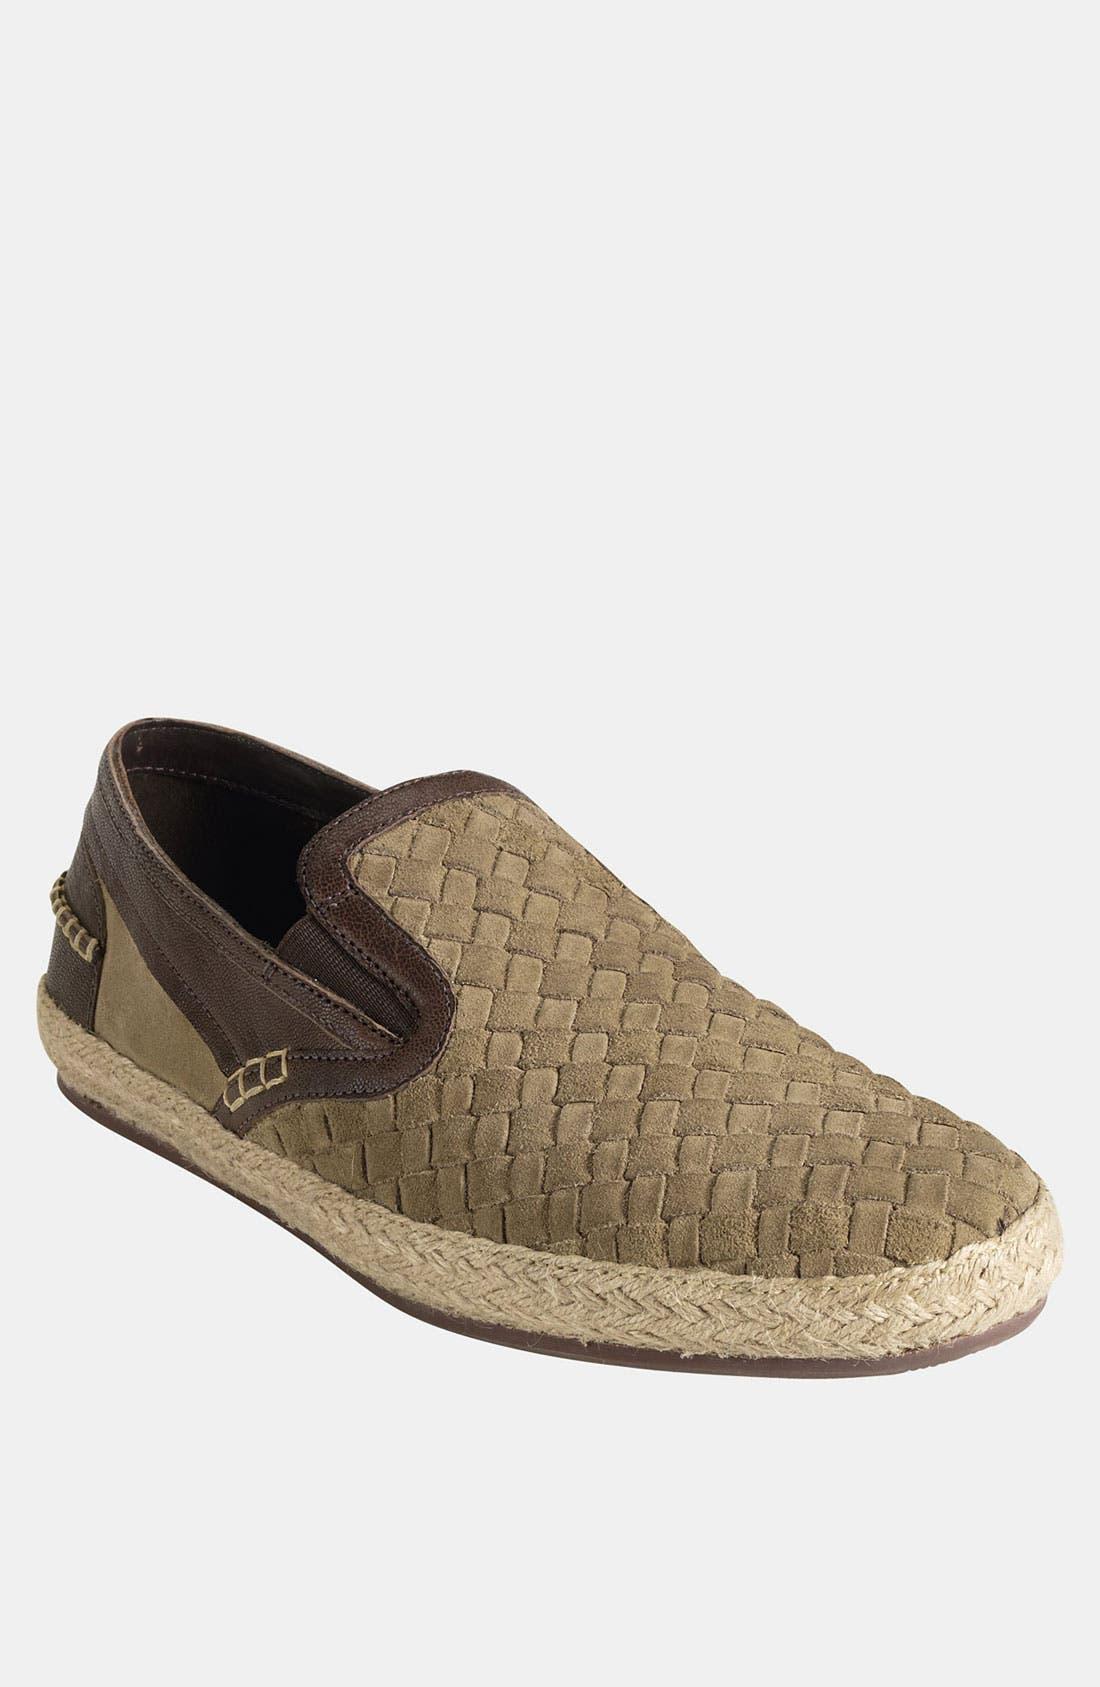 Main Image - Cole Haan 'Seawall' Sneaker